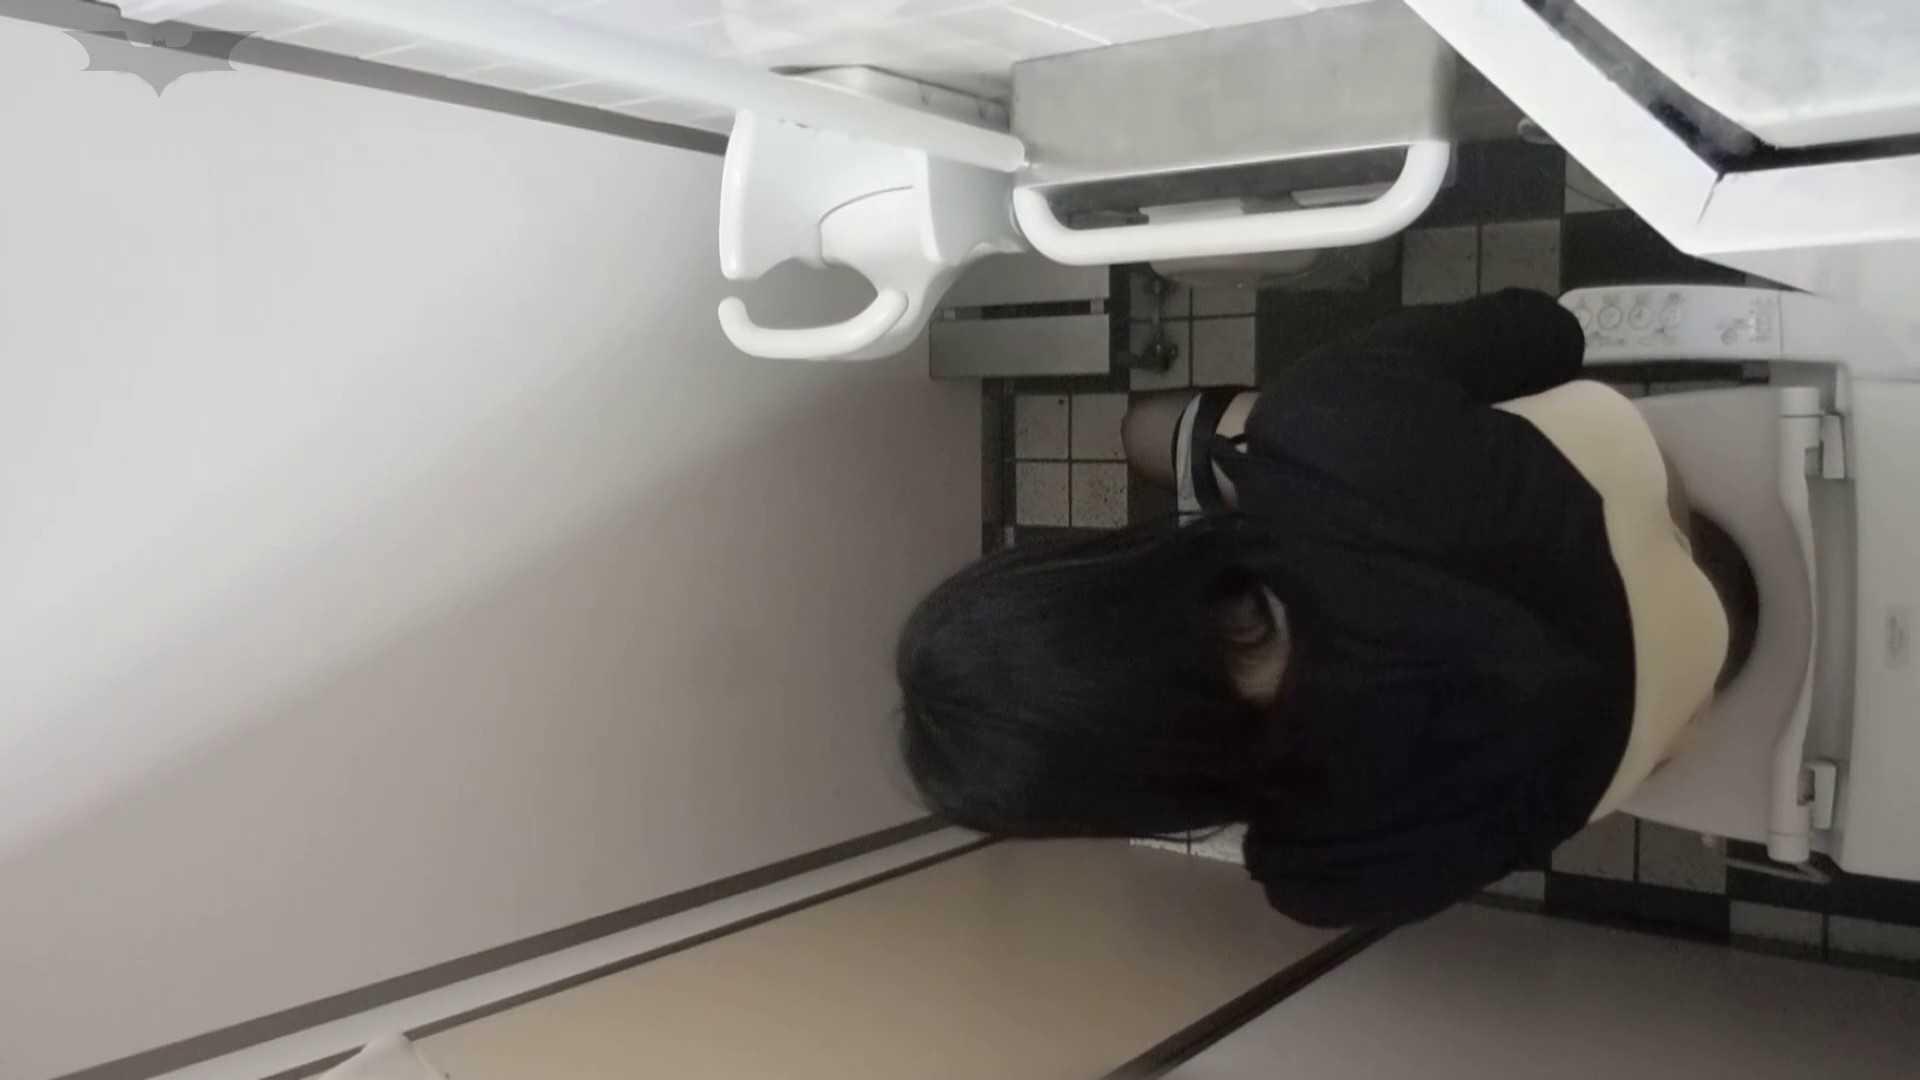 化粧室絵巻 駅舎編 VOL.20 今回は・・・ファッ!! エッチすぎるOL達 | 0  64連発 23